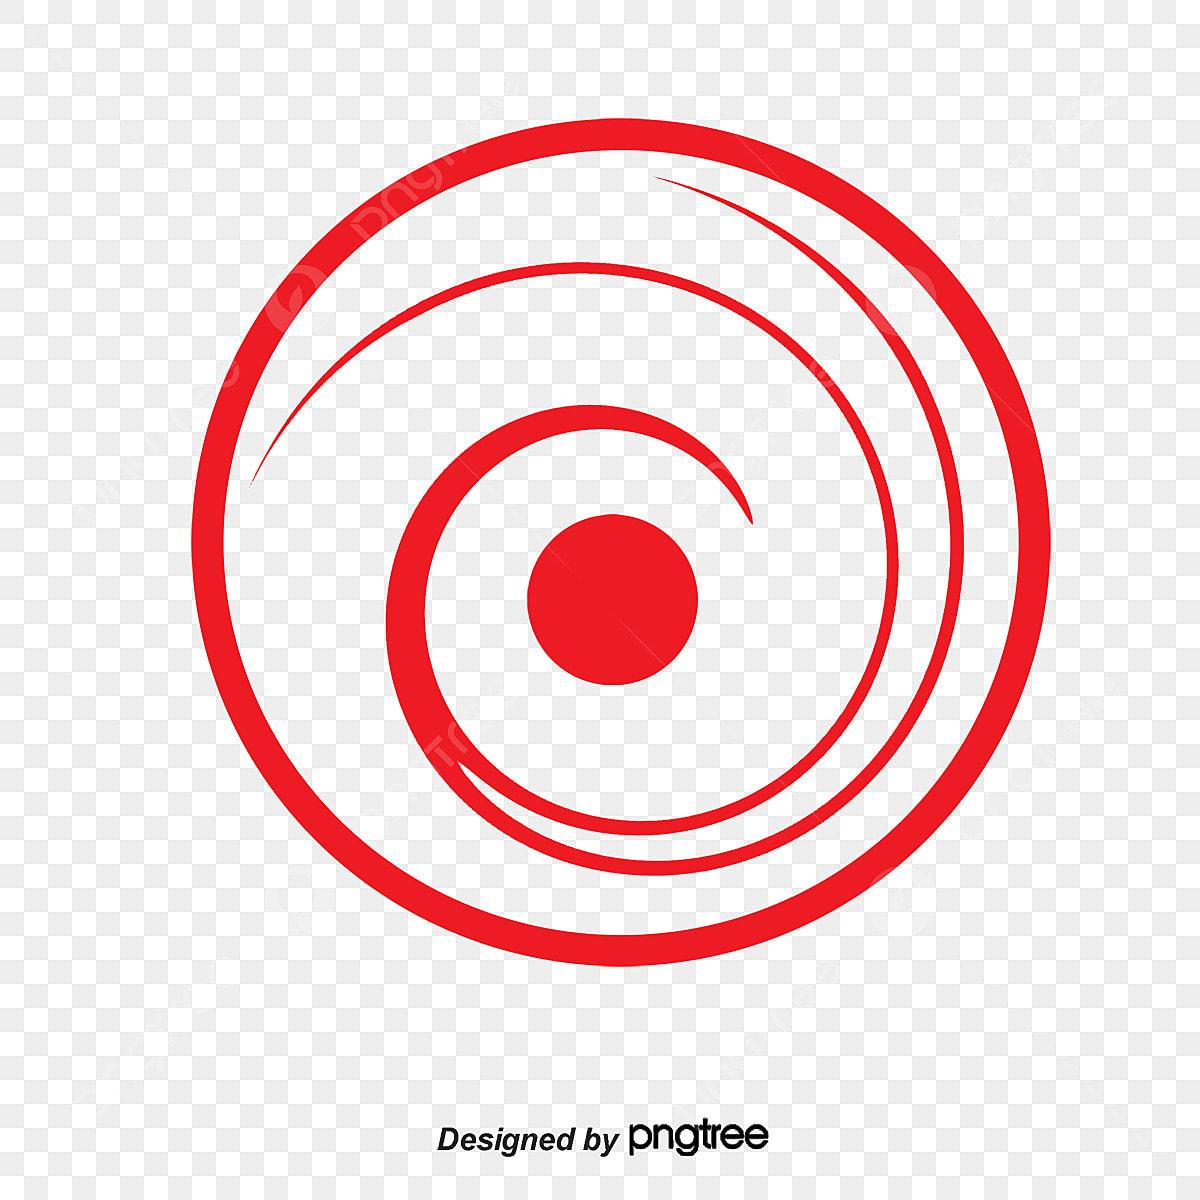 Bullseye Clipart Black And White - Bullseye Black Transparent , Free  Transparent Clipart - ClipartKey